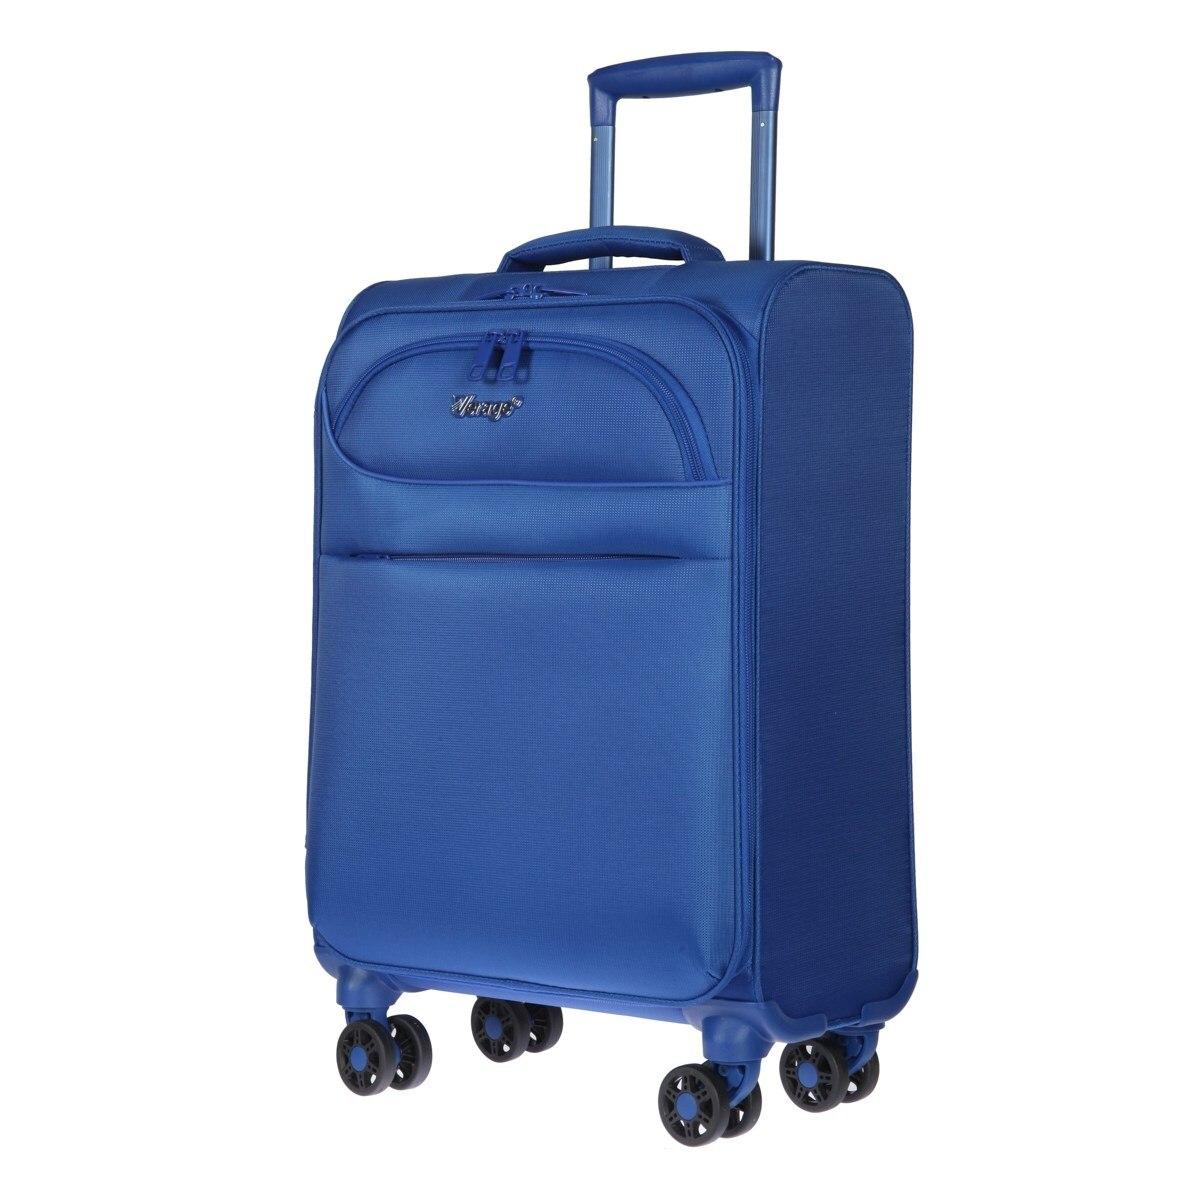 Suitcase-trolley Verage GM17019W18.5 mazarine blu